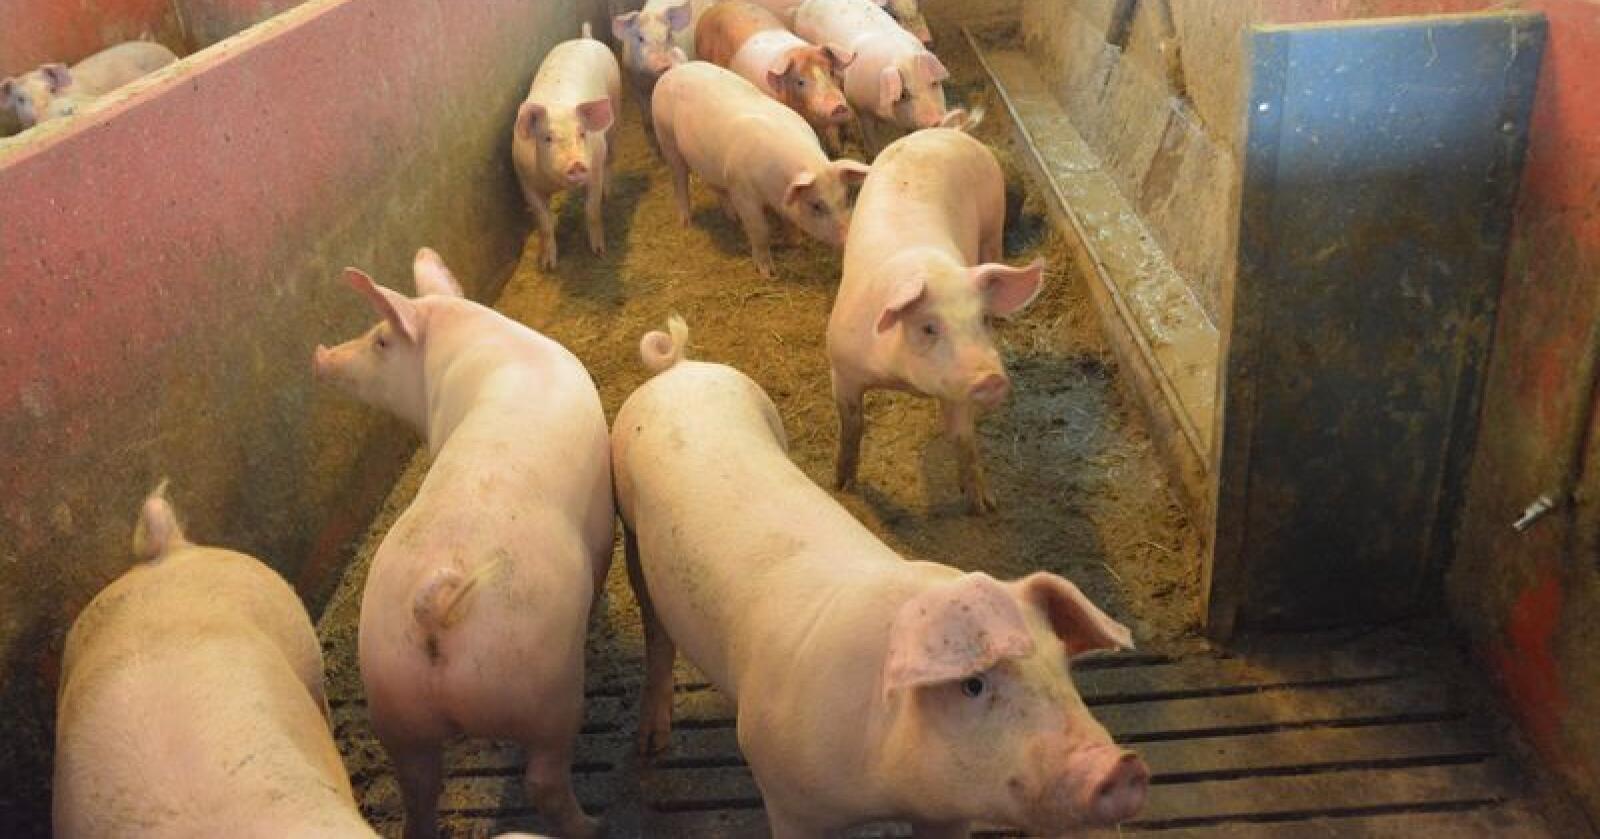 Mattilsynet gjennomførte tilsyn med dyrevelferden i 3074 dyrehold. Det er fortsatt flest bekymringsmeldinger om kjæledyr, men det var også mange meldinger om hester og produksjonsdyr. (Illustrasjonsfoto)